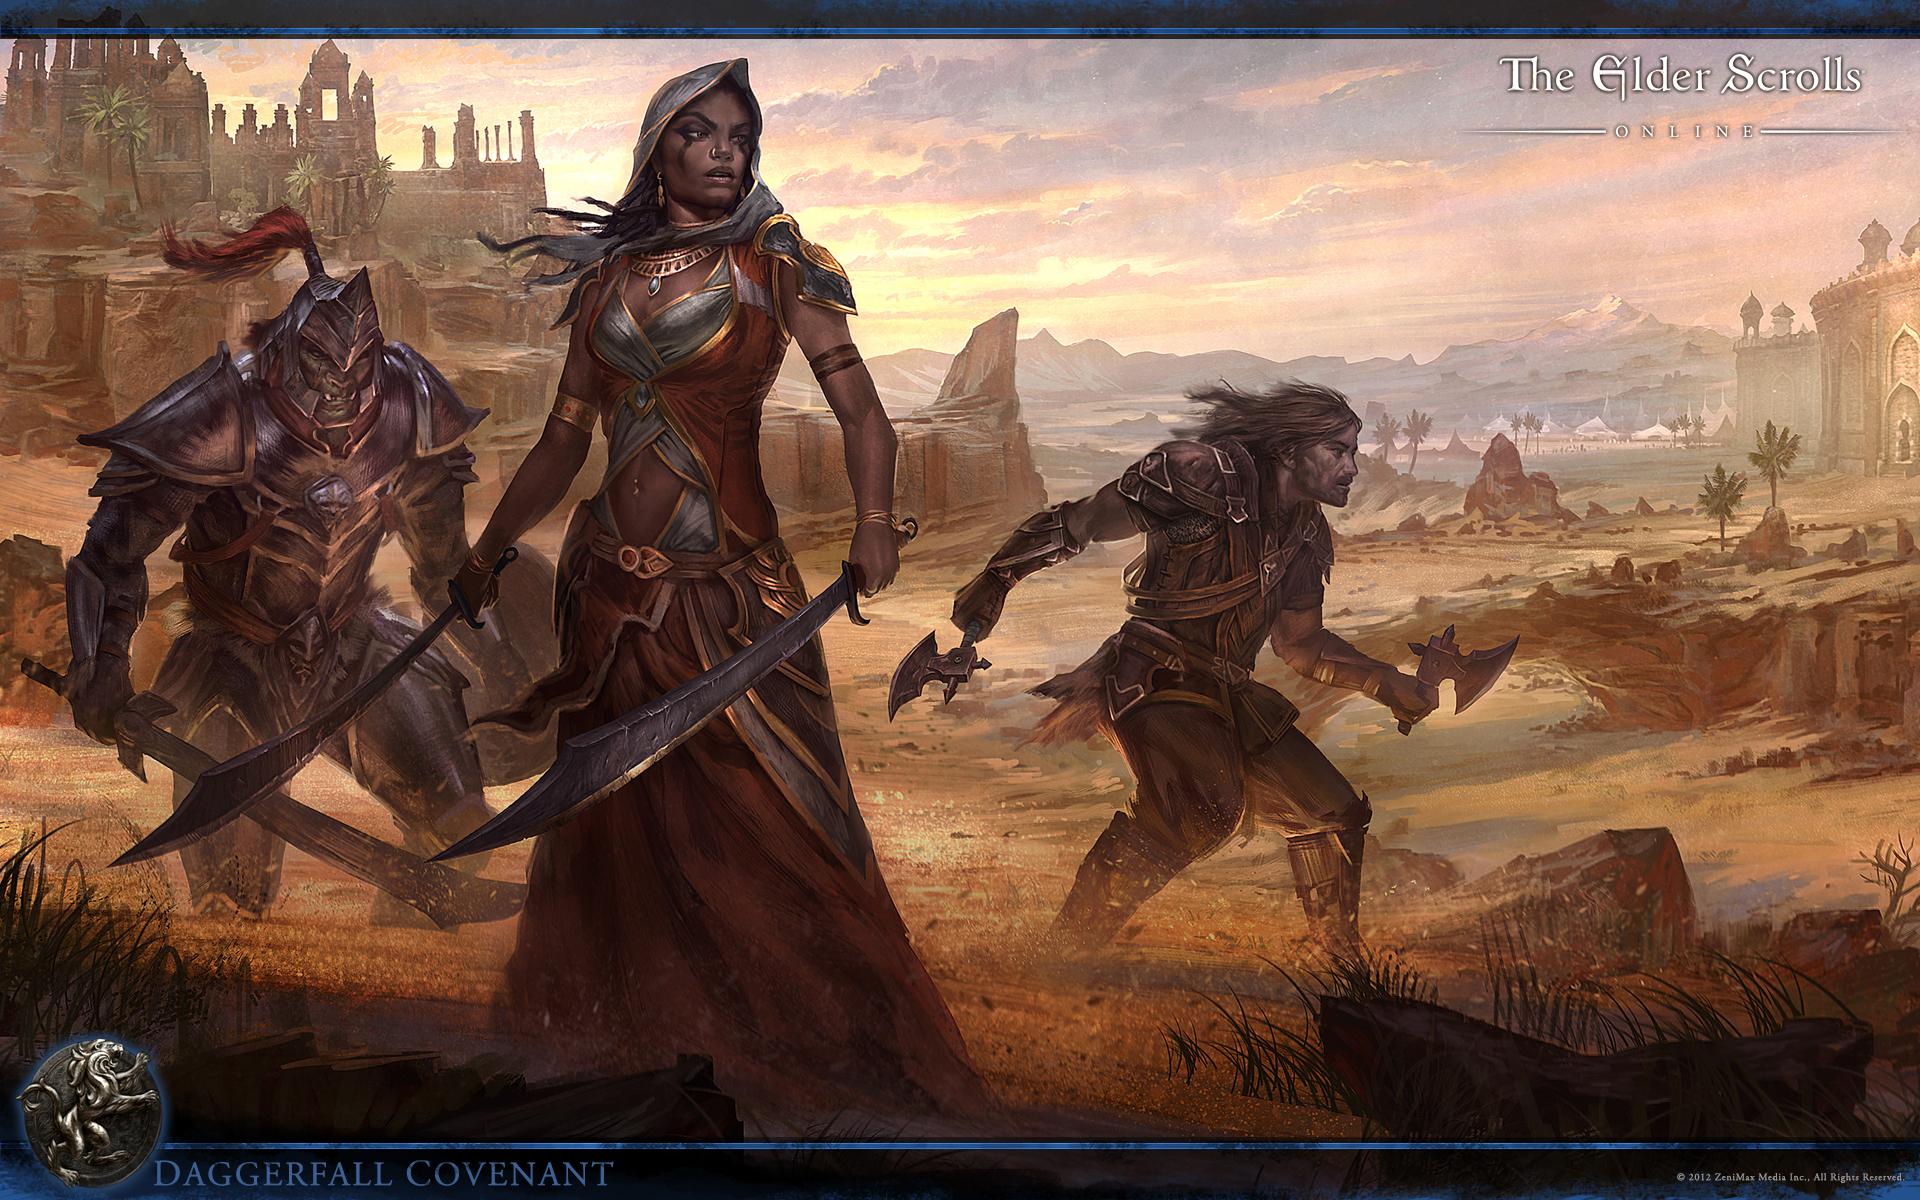 The Elder Scrolls Online Daggerfall Covenant Wallpaper